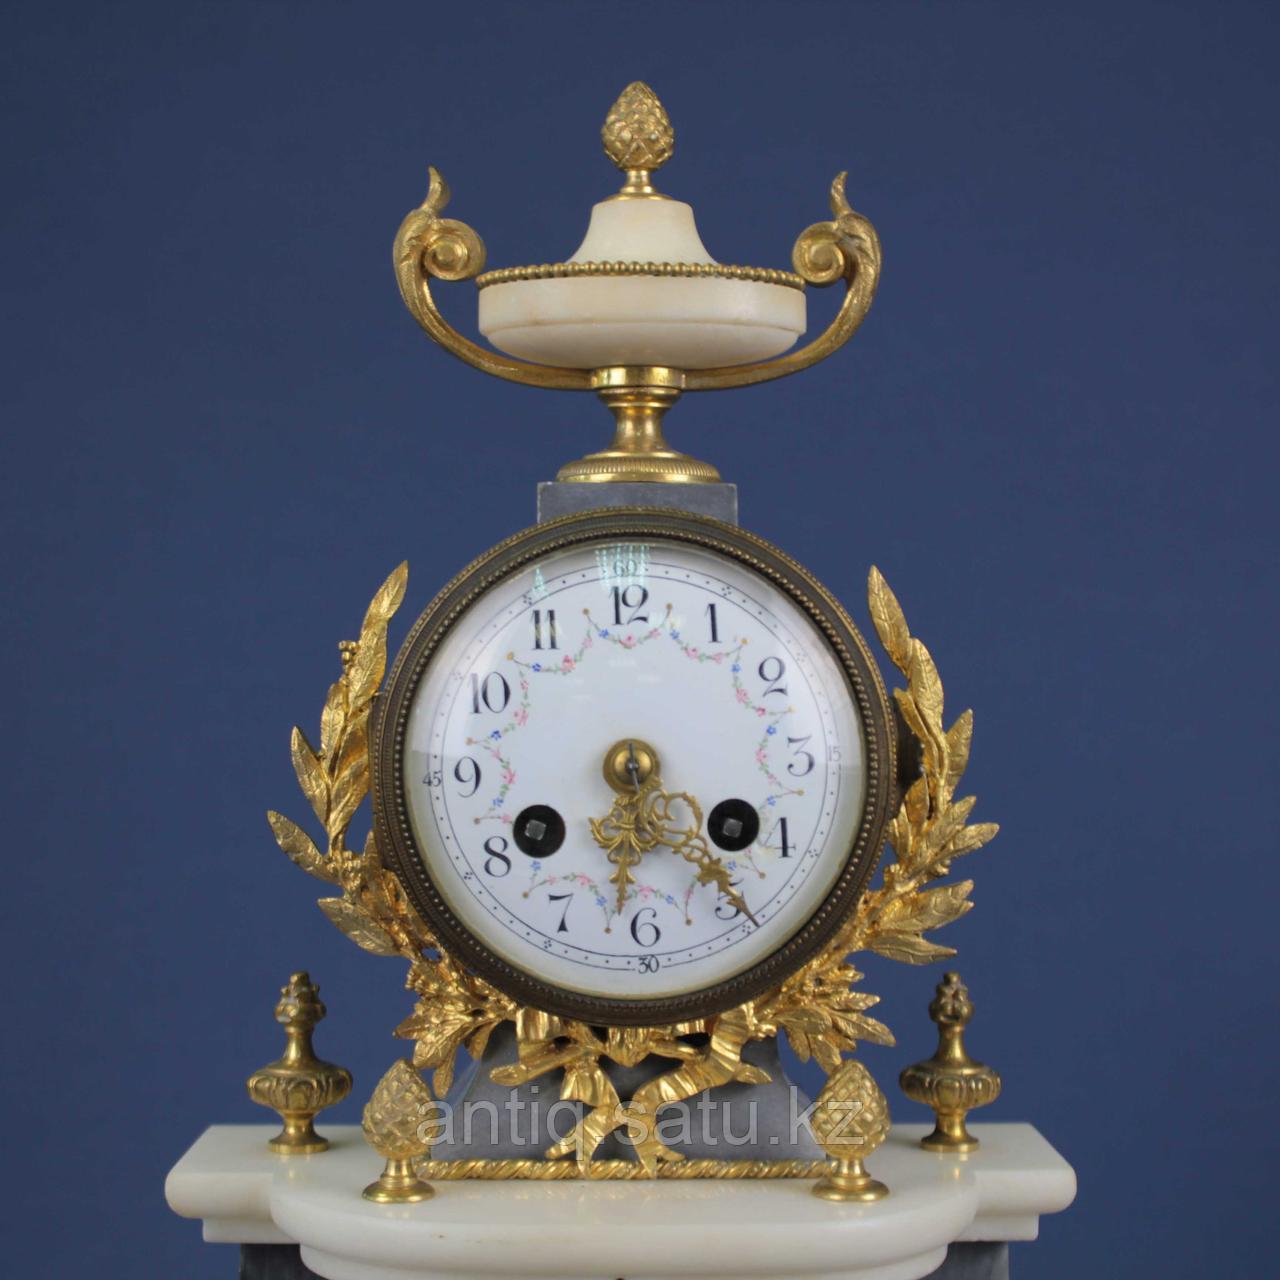 Кабинетный часовой гарнитур в стиле Людовика XVI. 1855 год. Часовая мастерская Vincenti - фото 3